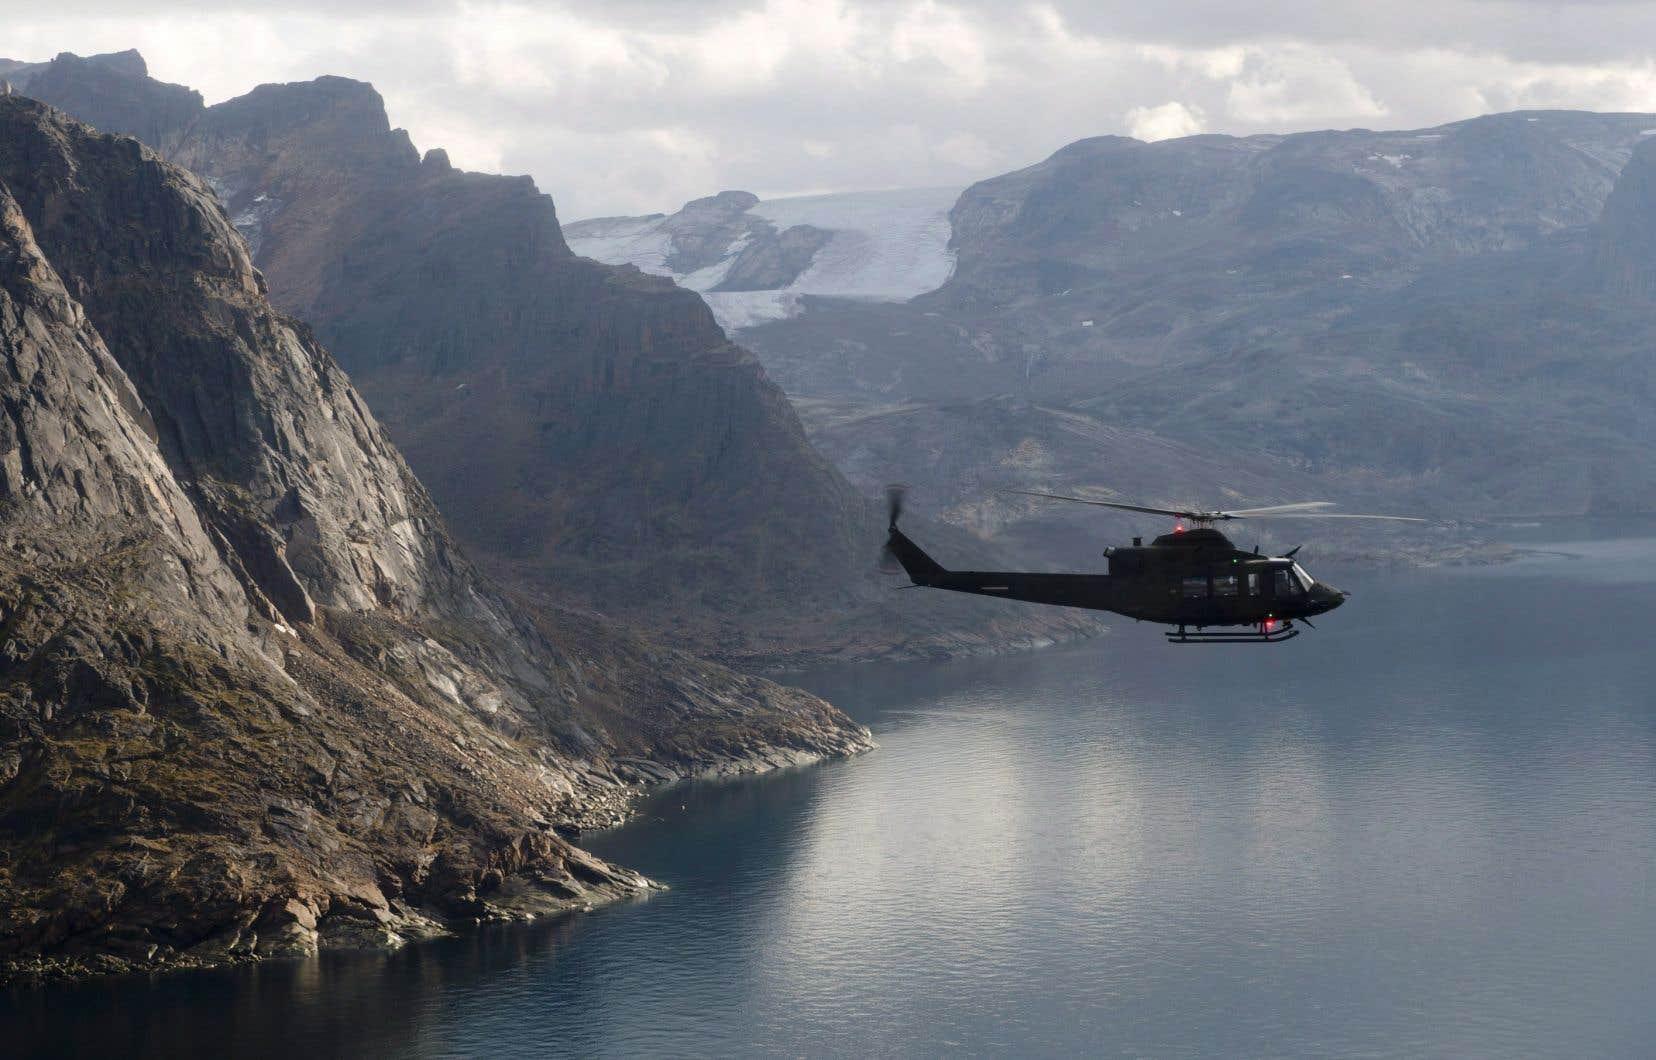 Les experts pensent que l'est de l'Arctique renferme d'importants gisements de pétrole et de gaz. Il existe 20 permis d'exploration pour les îles de l'Arctique et une autre au large de la pointe sud de l'île de Baffin.